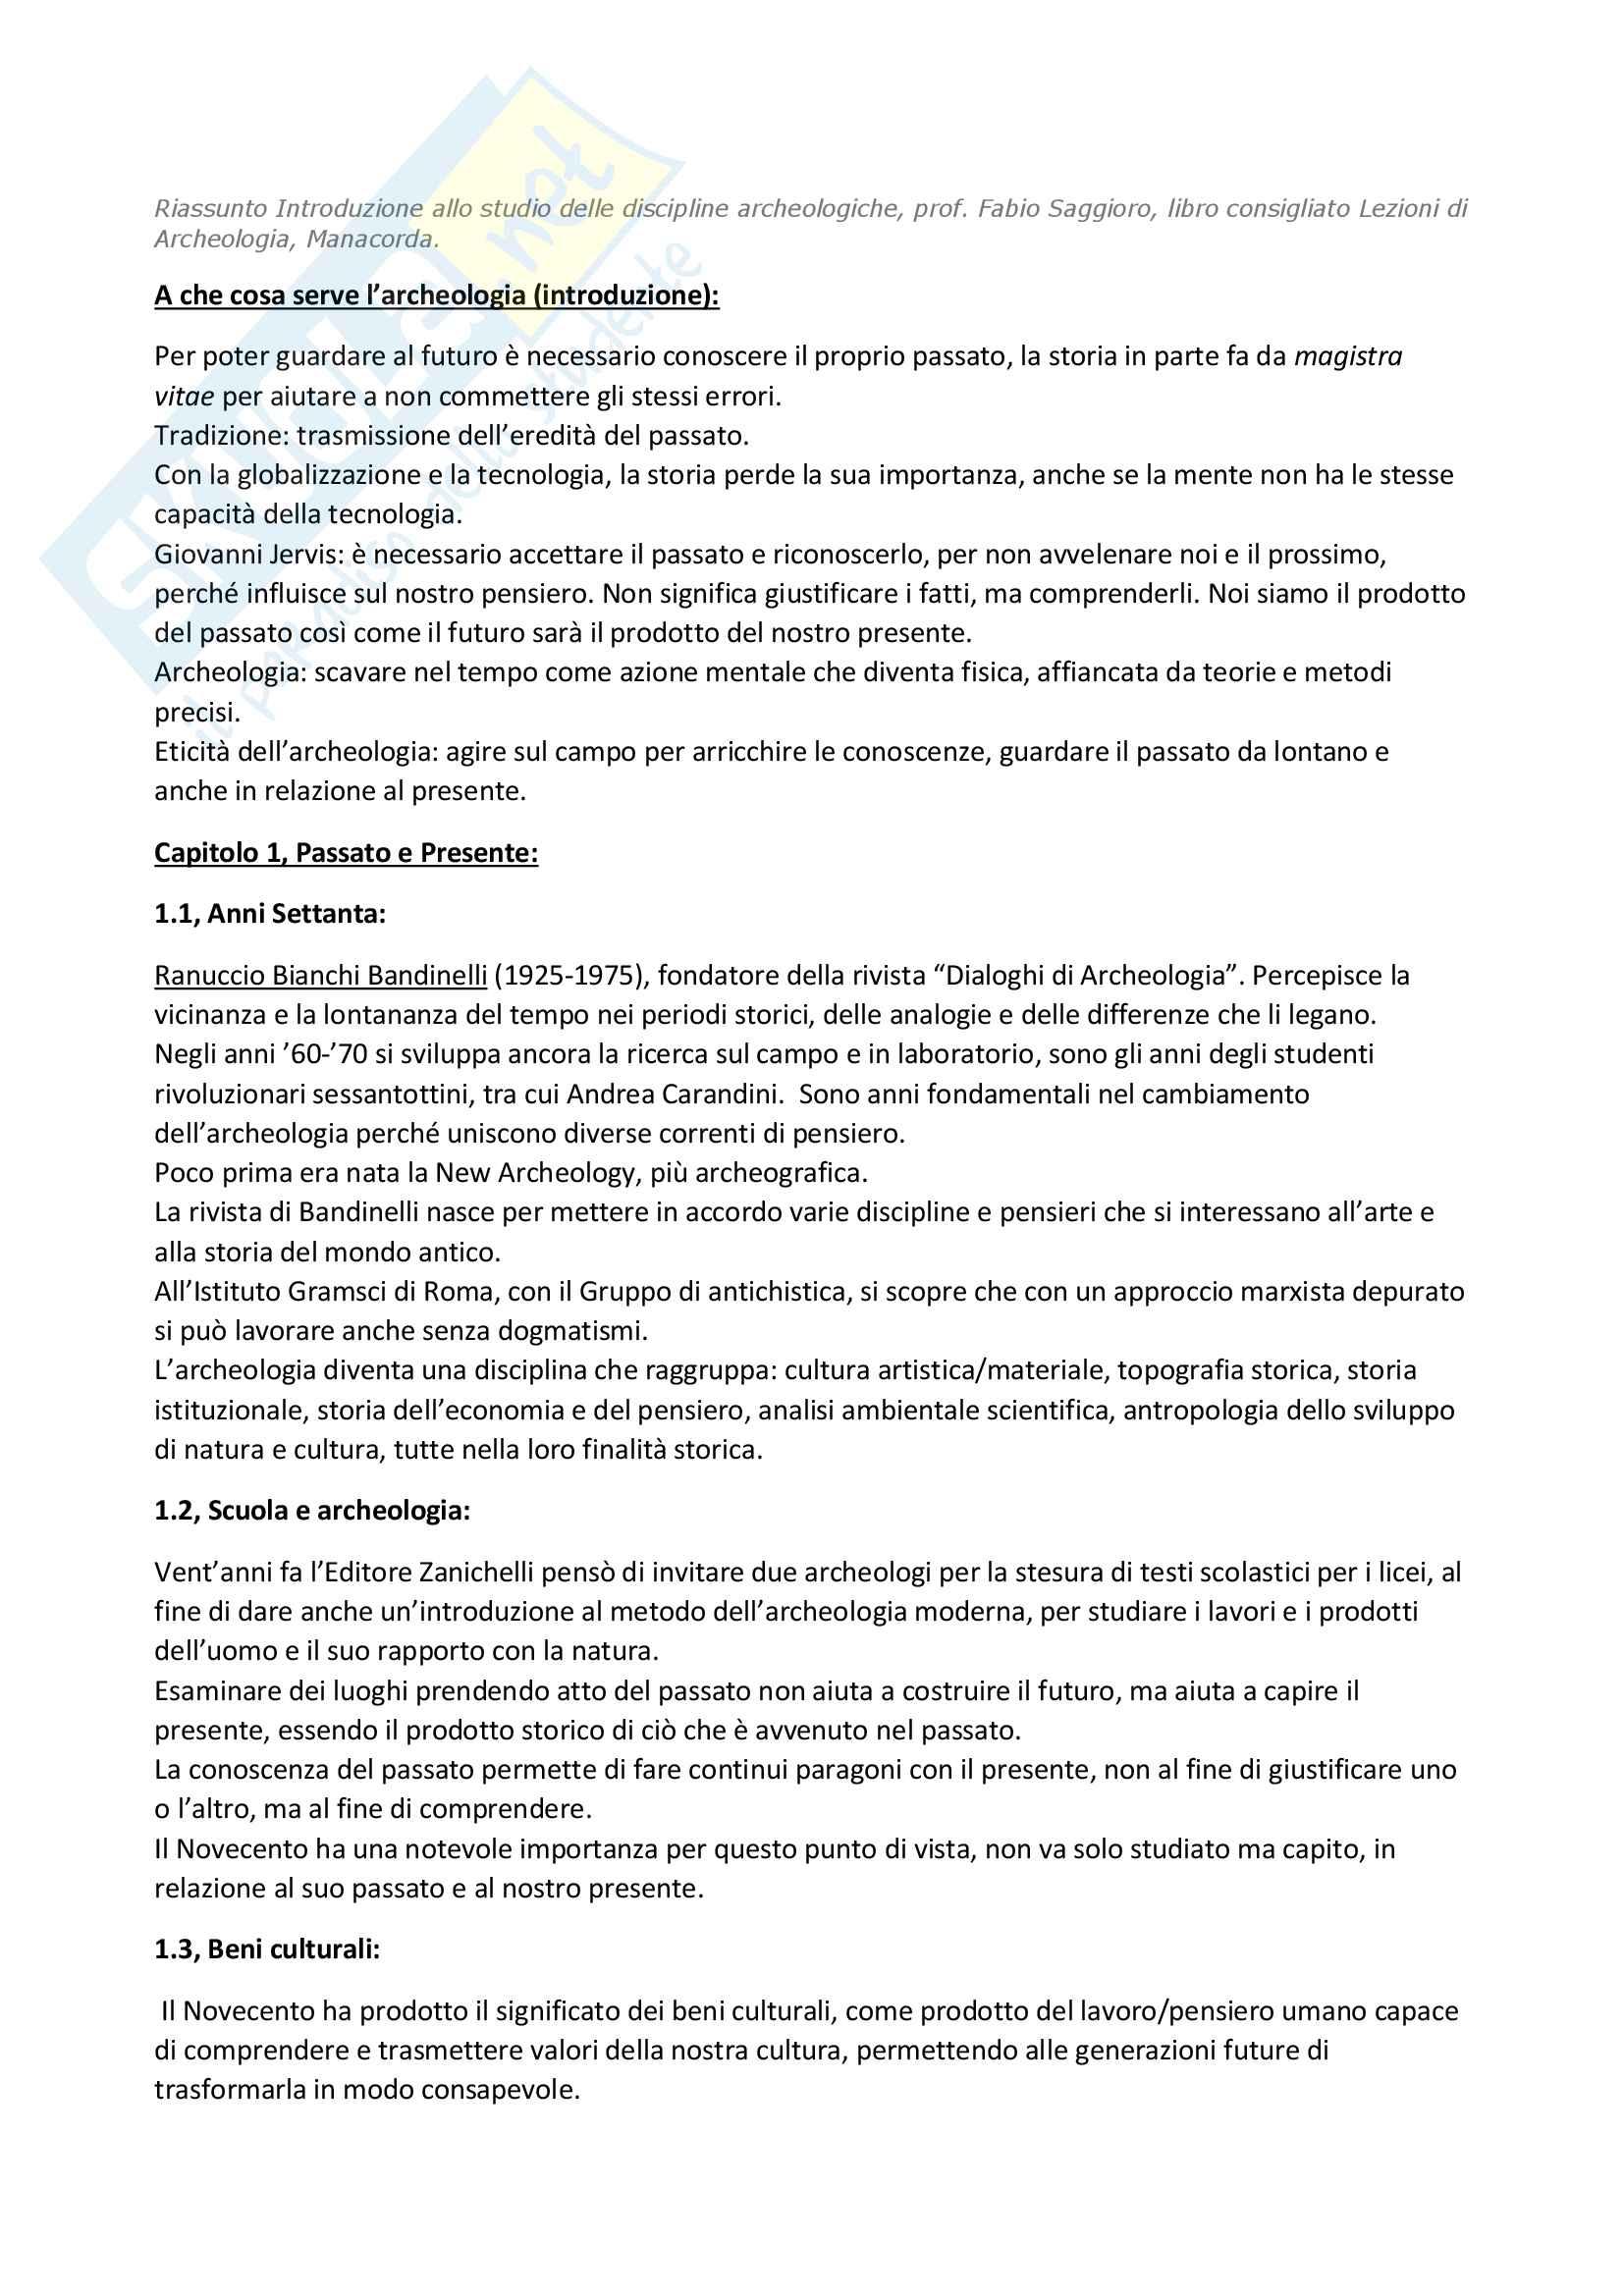 Riassunto esame Introduzione alle discipline archeologiche, prof. Saggioro. Libro consigliato Lezioni di Archeologia, Manacorda